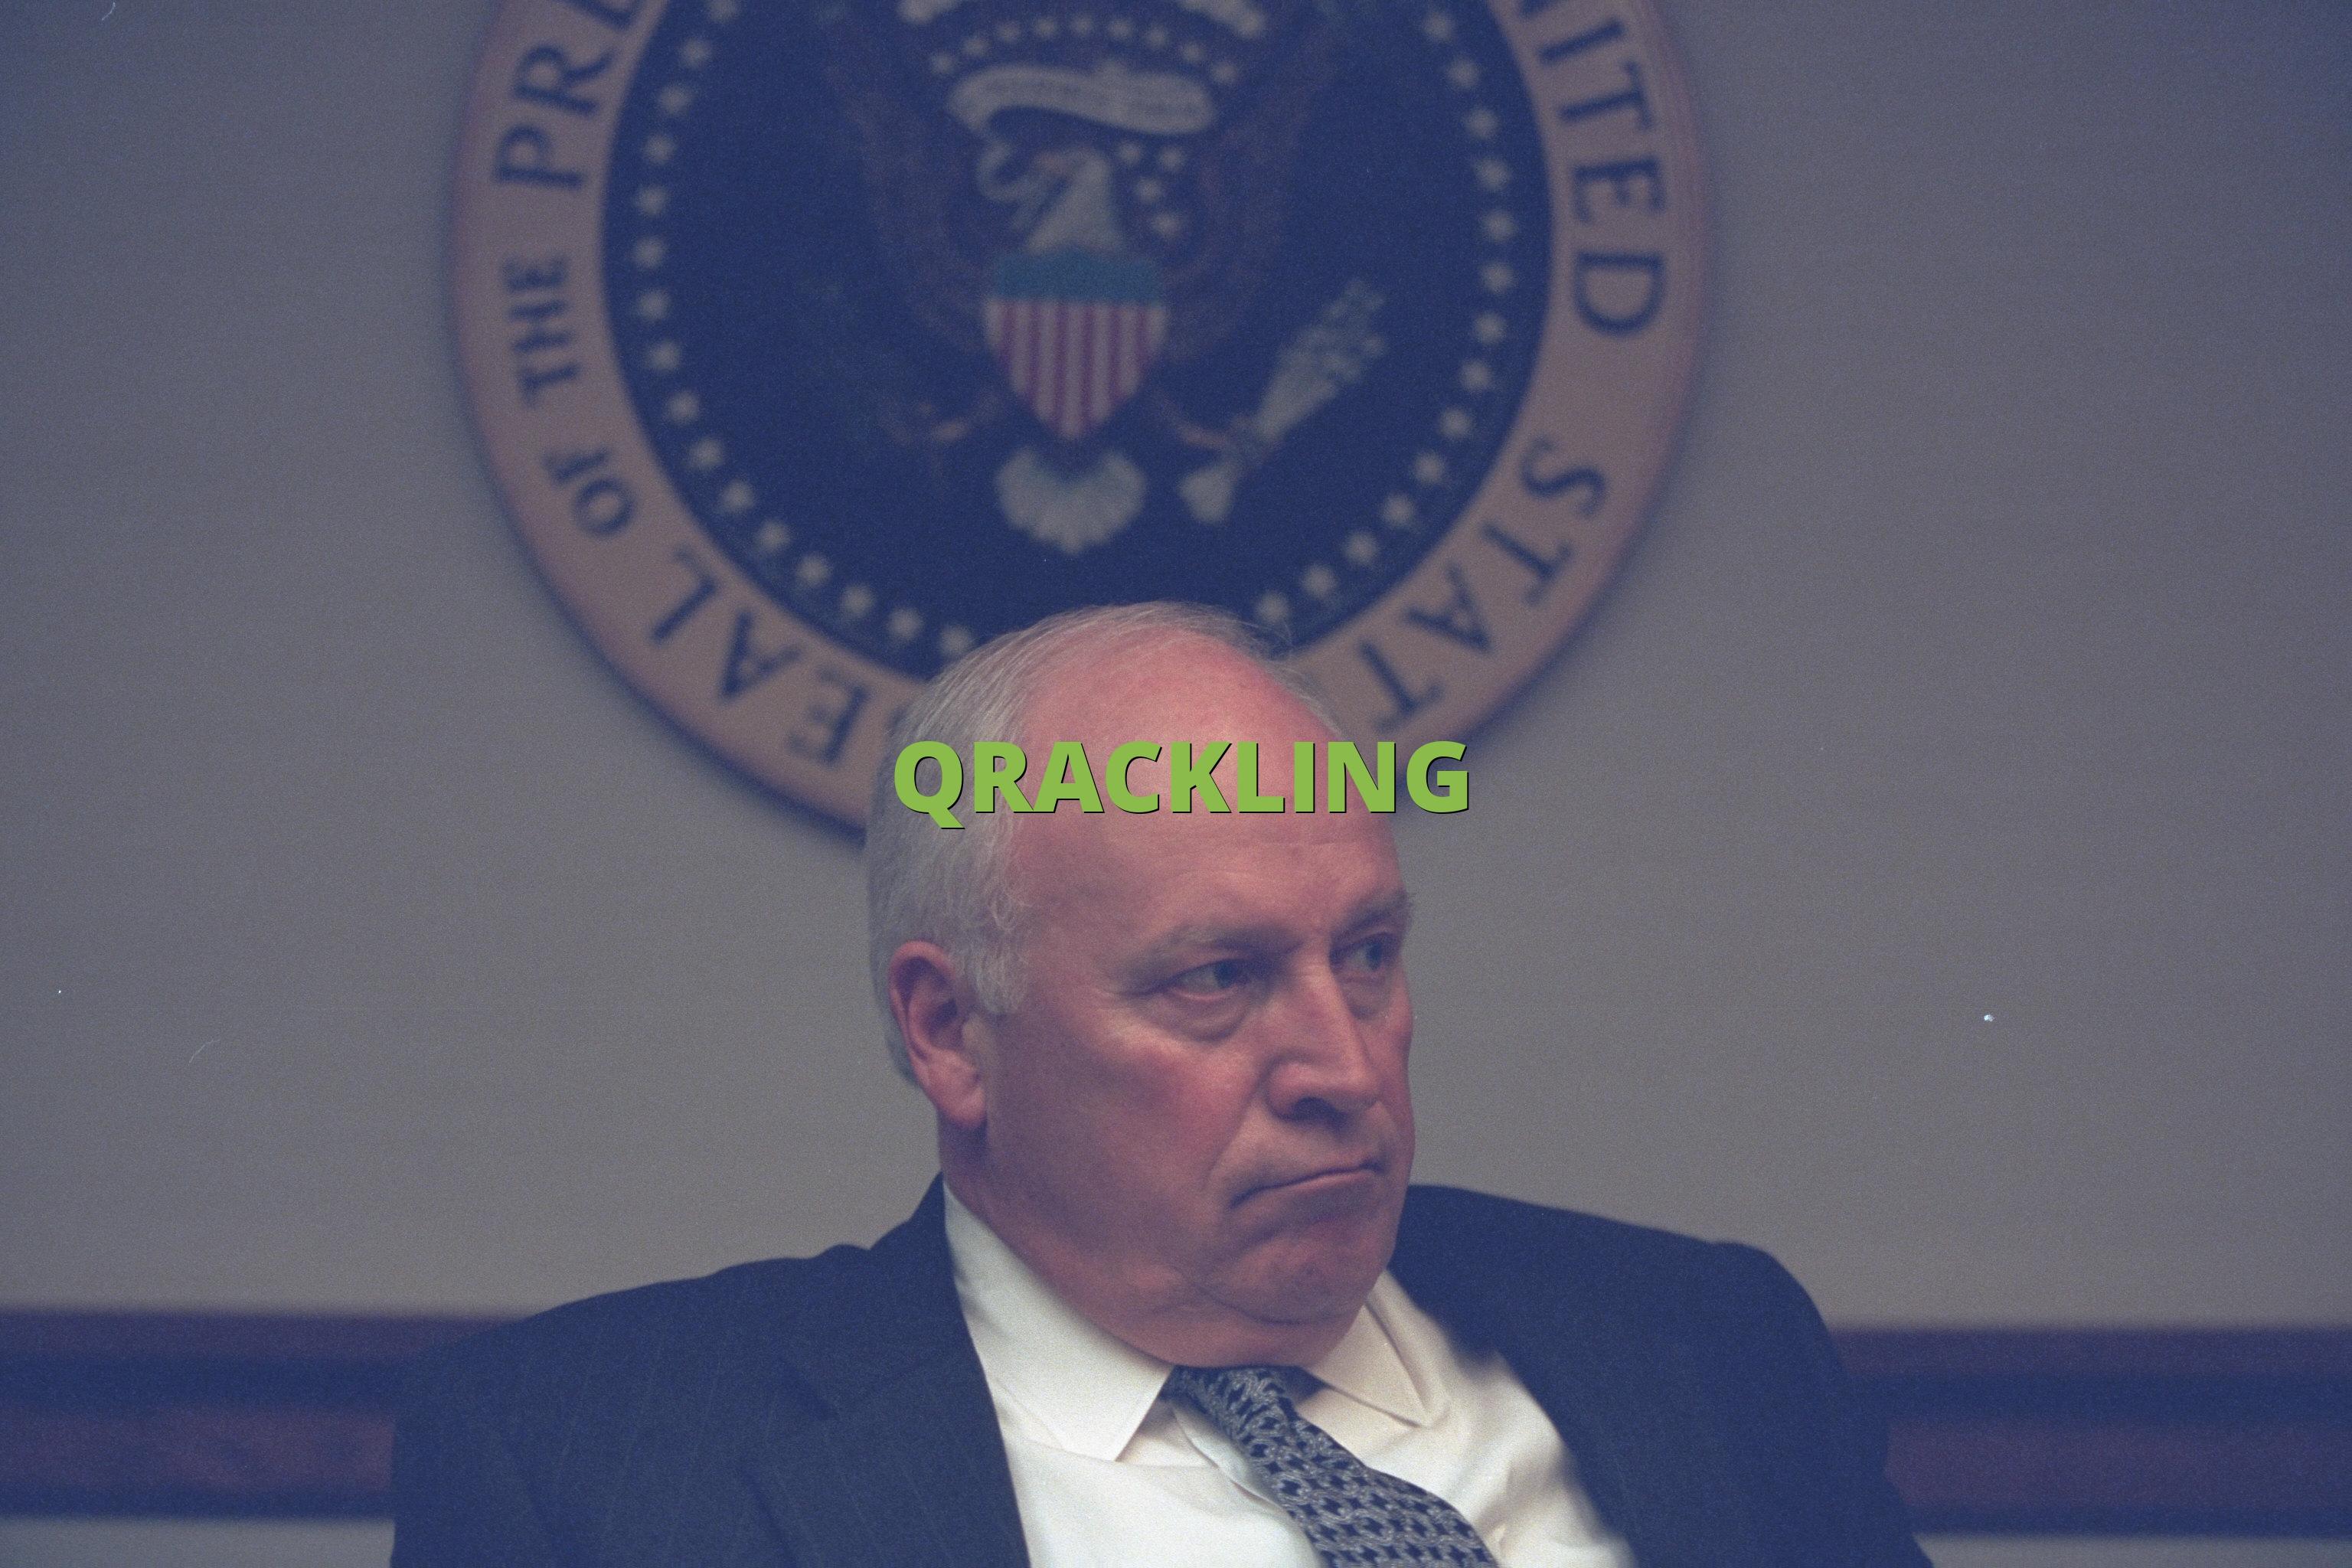 QRACKLING